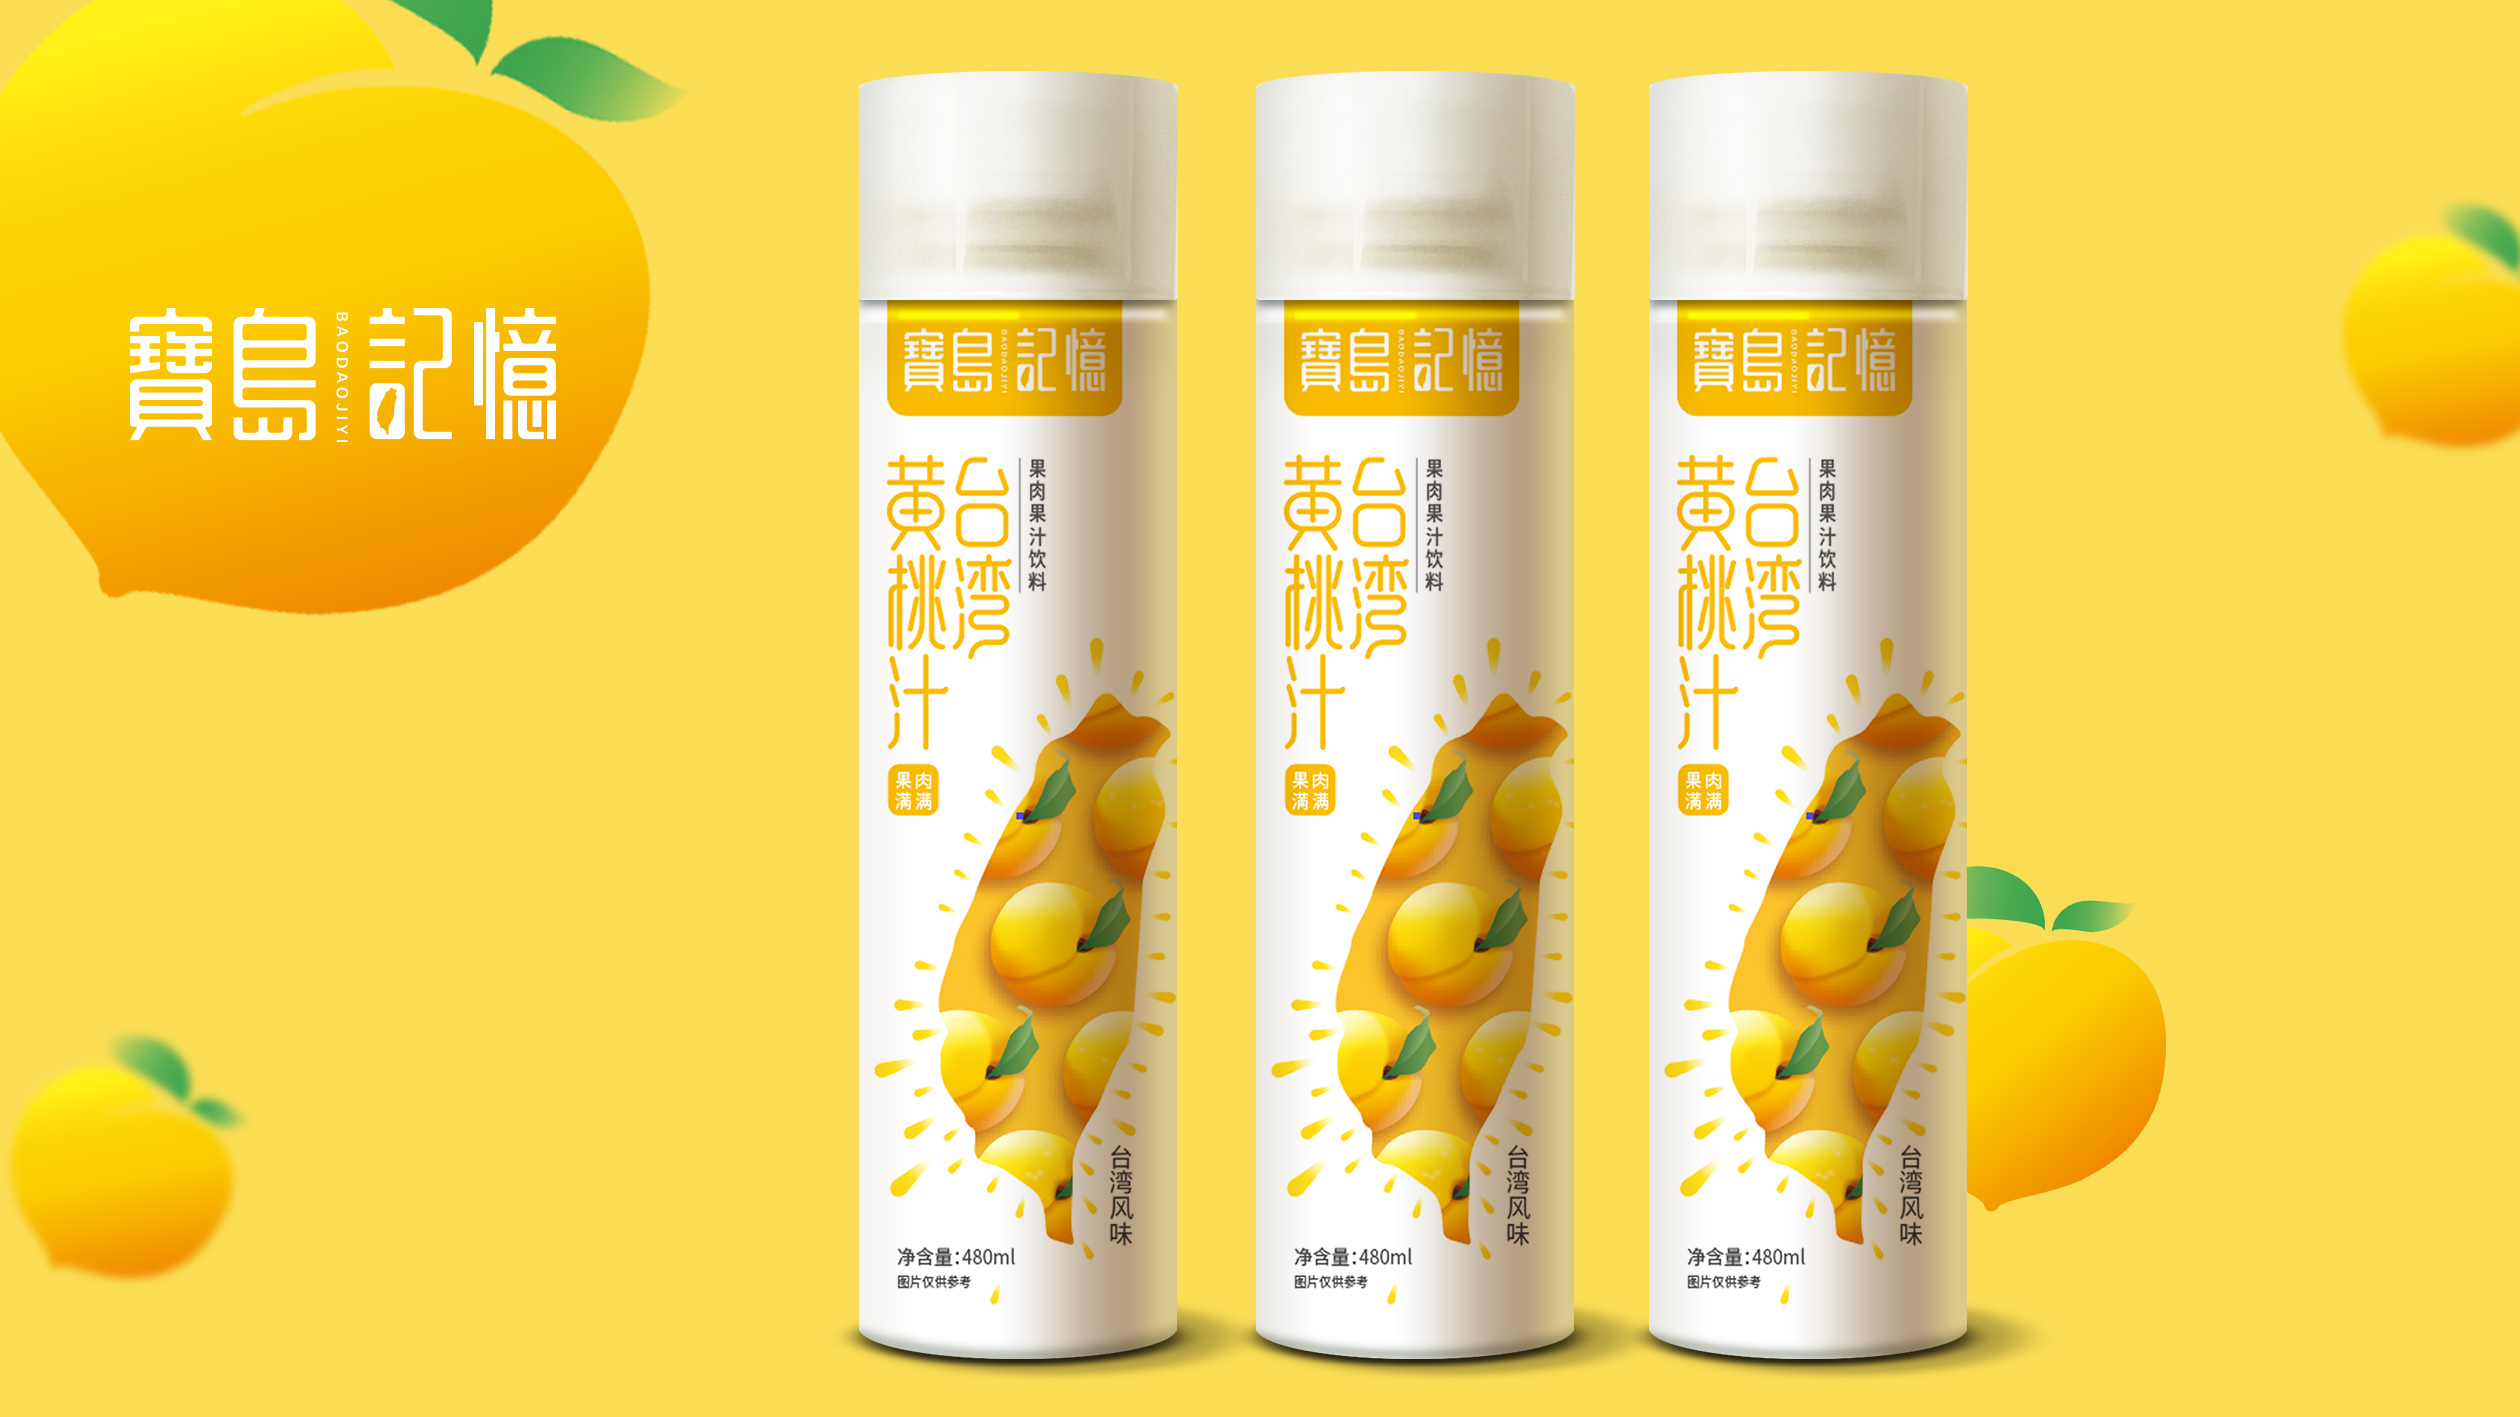 宝岛记忆黄桃汁品牌包装设计